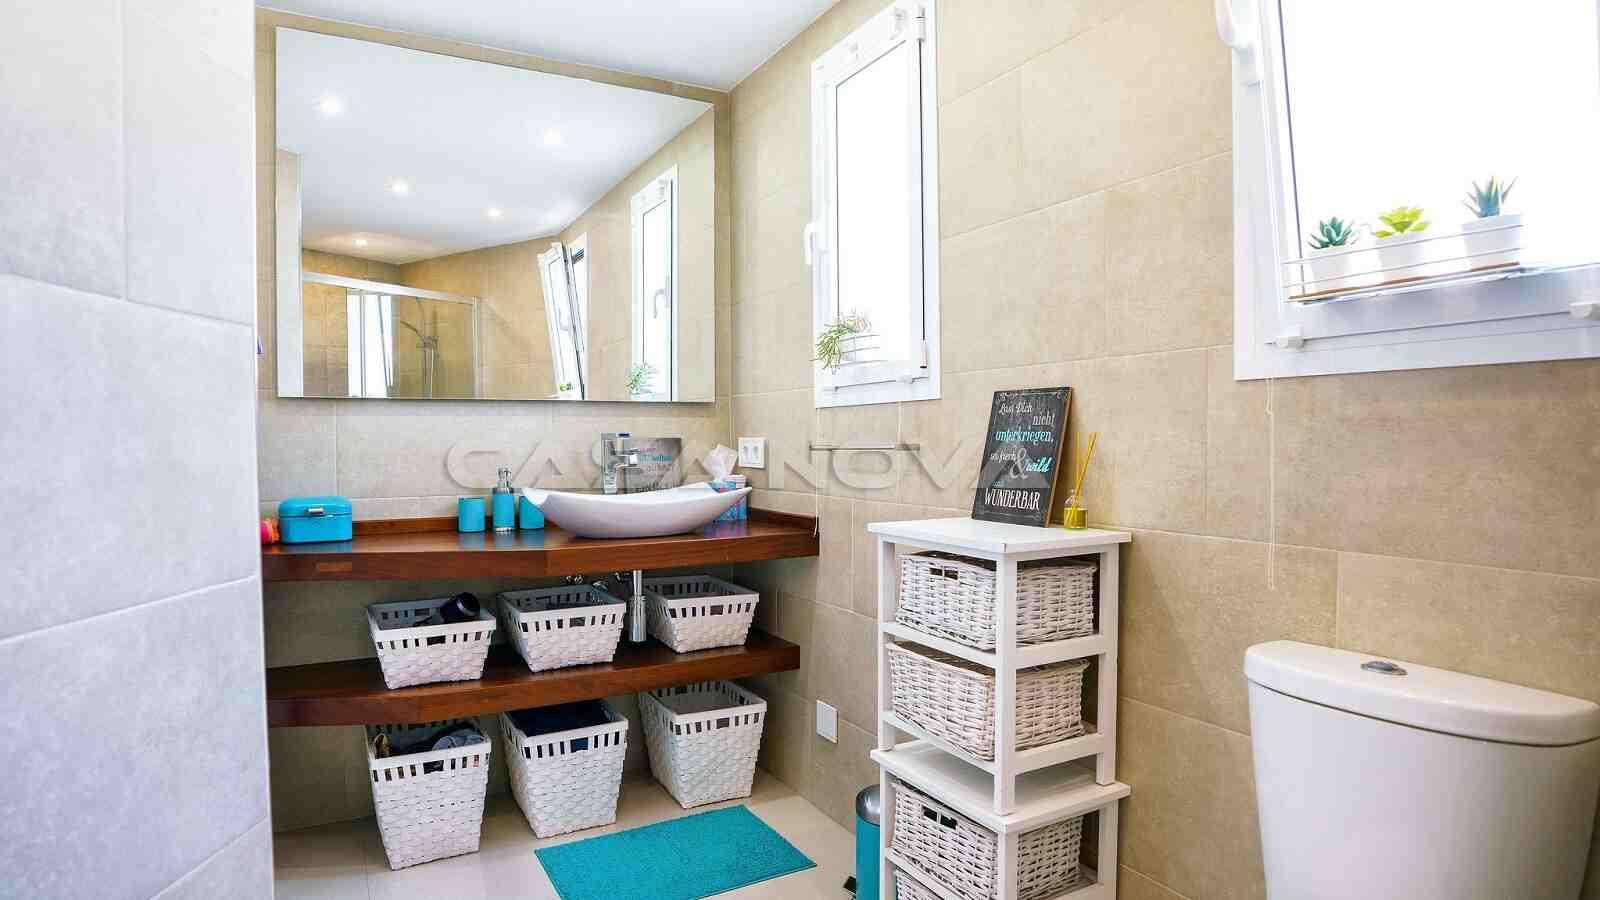 Stilvolles Badezimmer mit Fenster